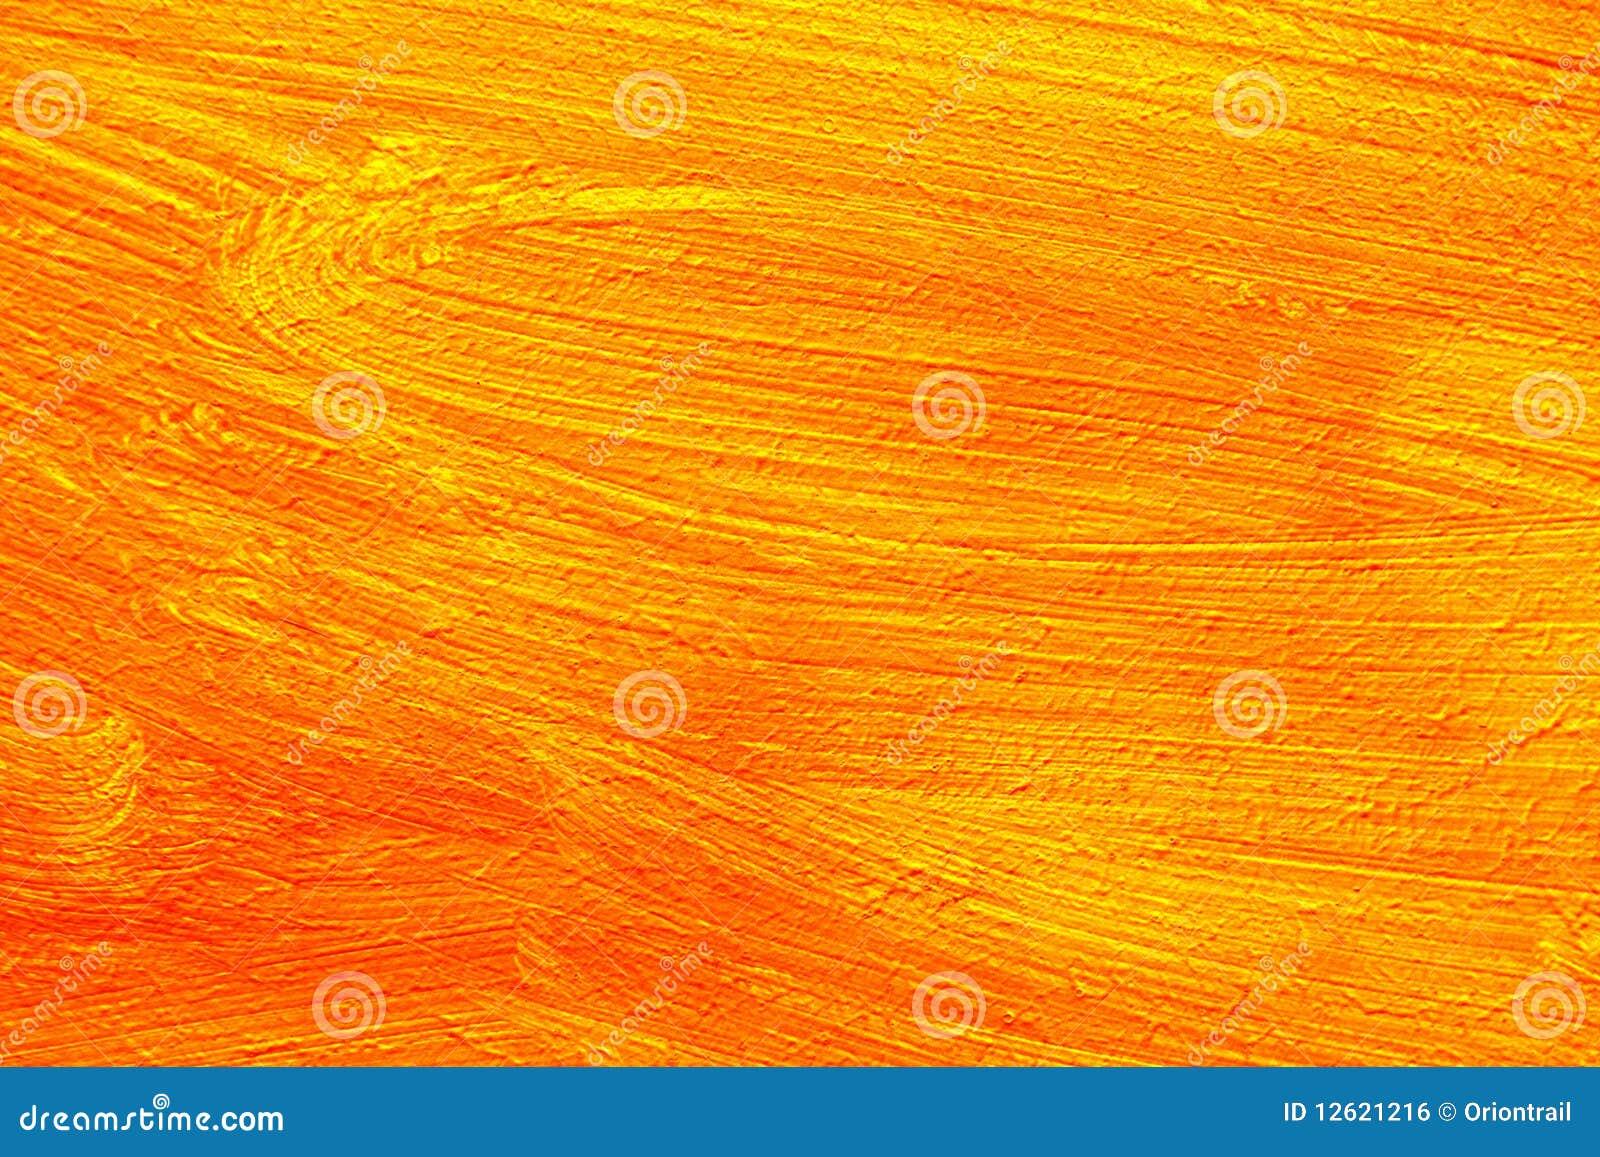 Particolare arancione della pittura immagine stock libera - Pittura particolare ...